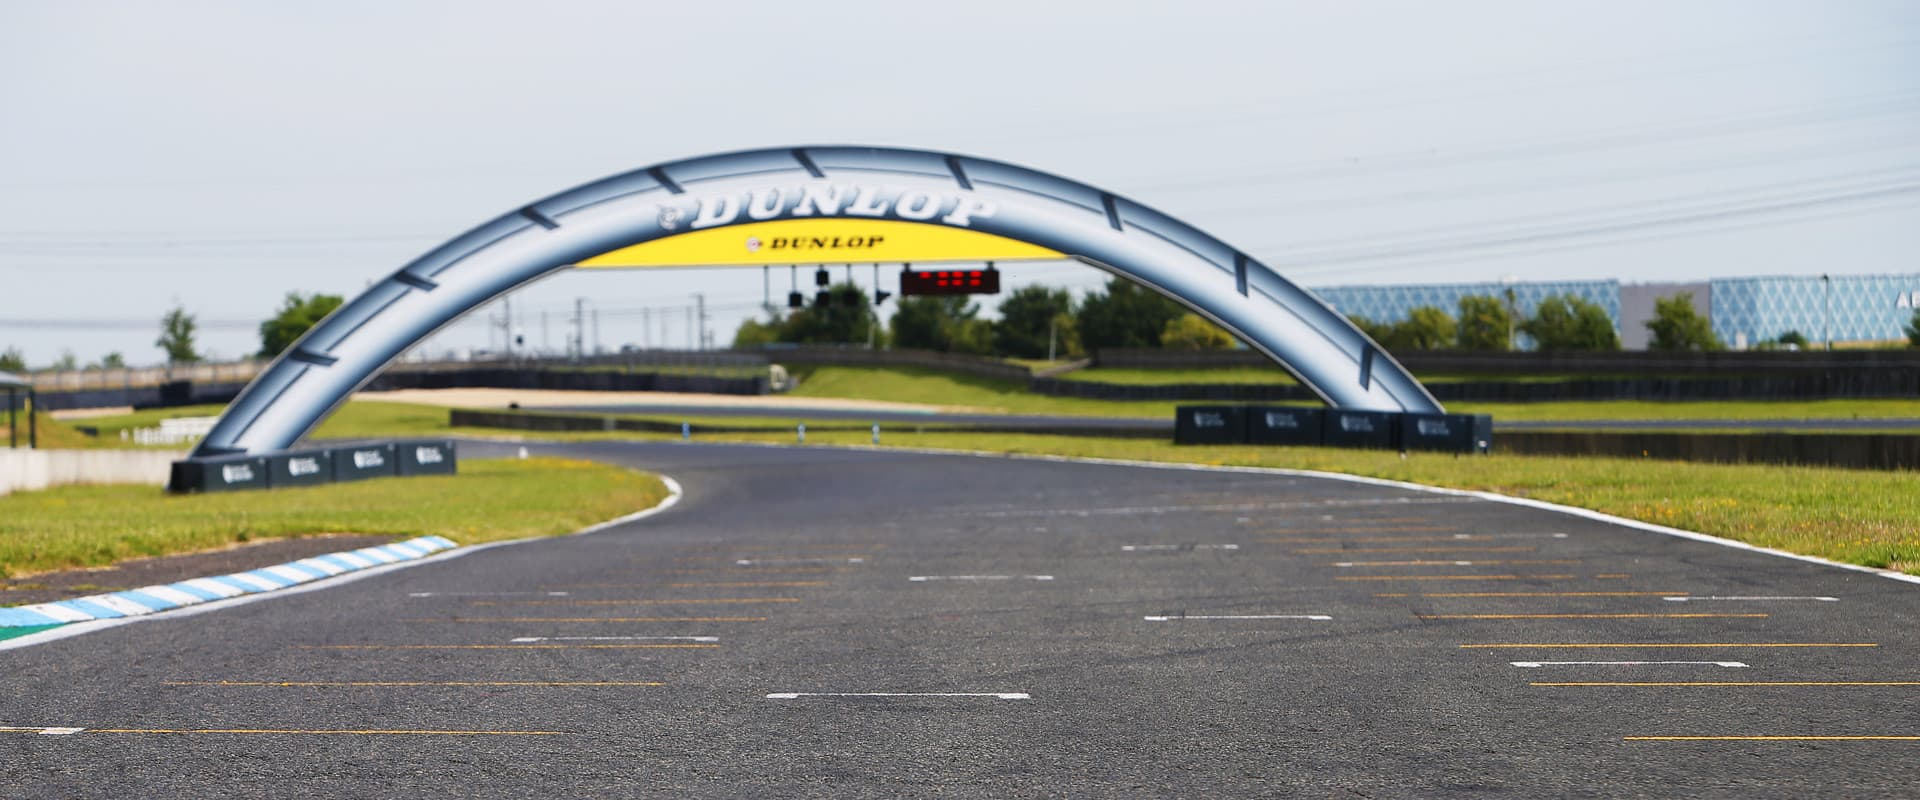 Circuit Carole - circuit-carole.com